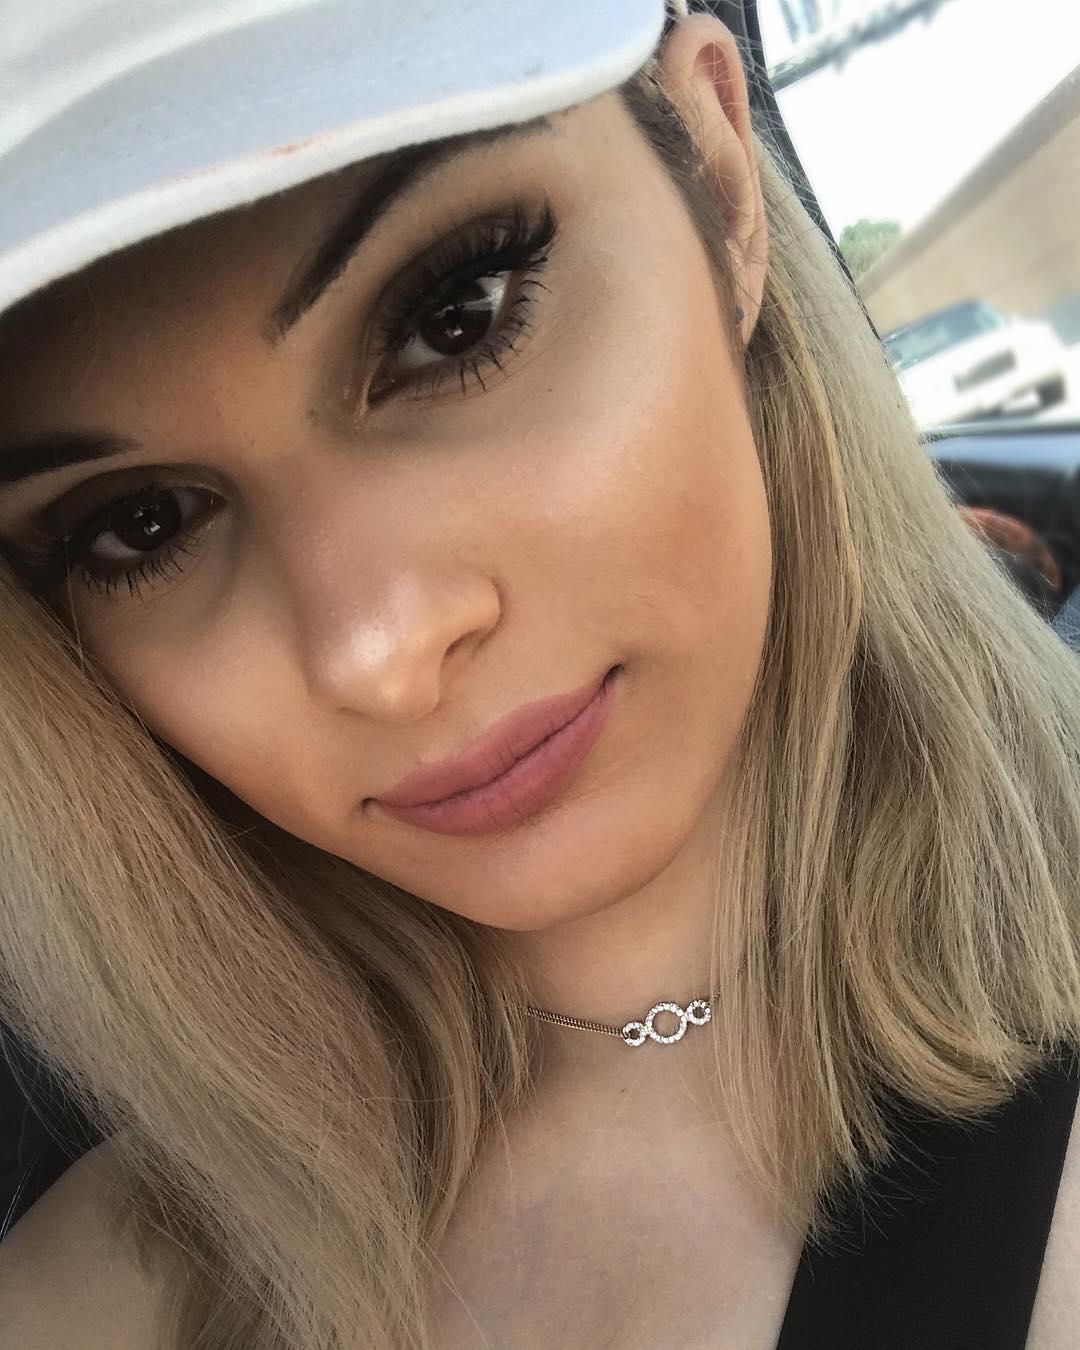 Luve Aris closeup face selfie